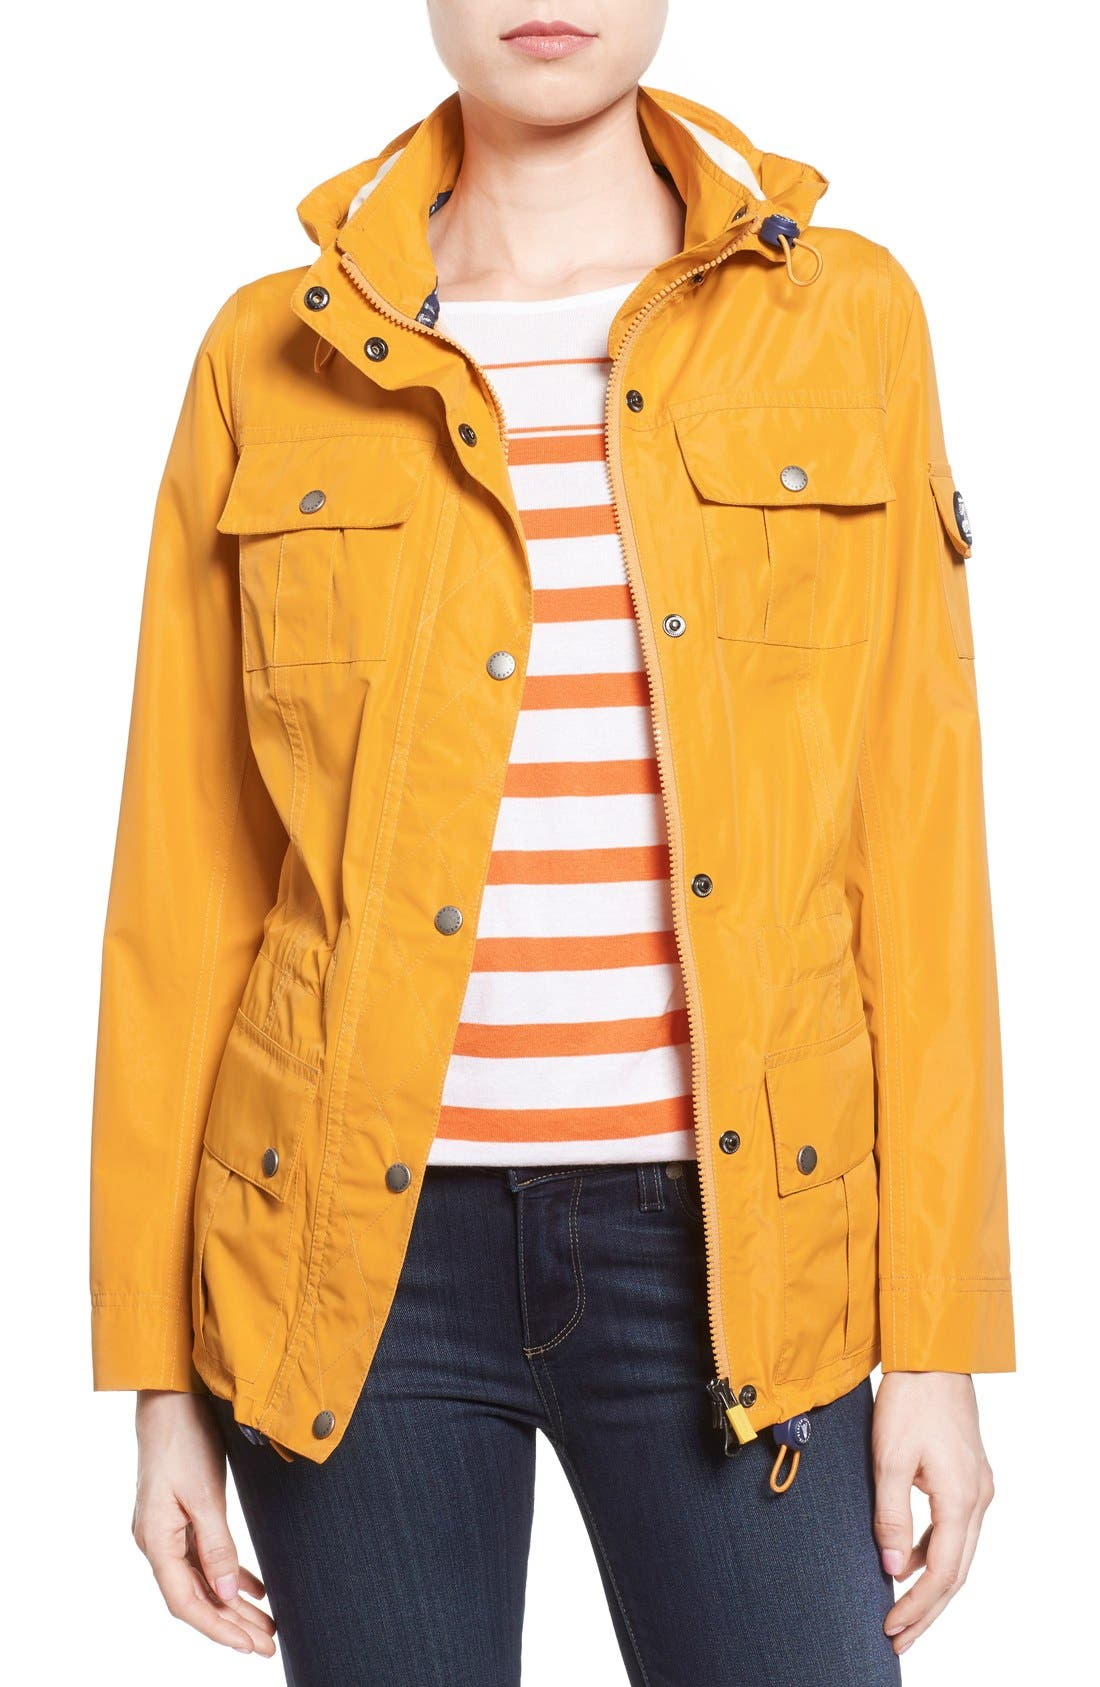 Alternate Image 1 Selected - Barbour 'Bowline' Hooded Waterproof Jacket